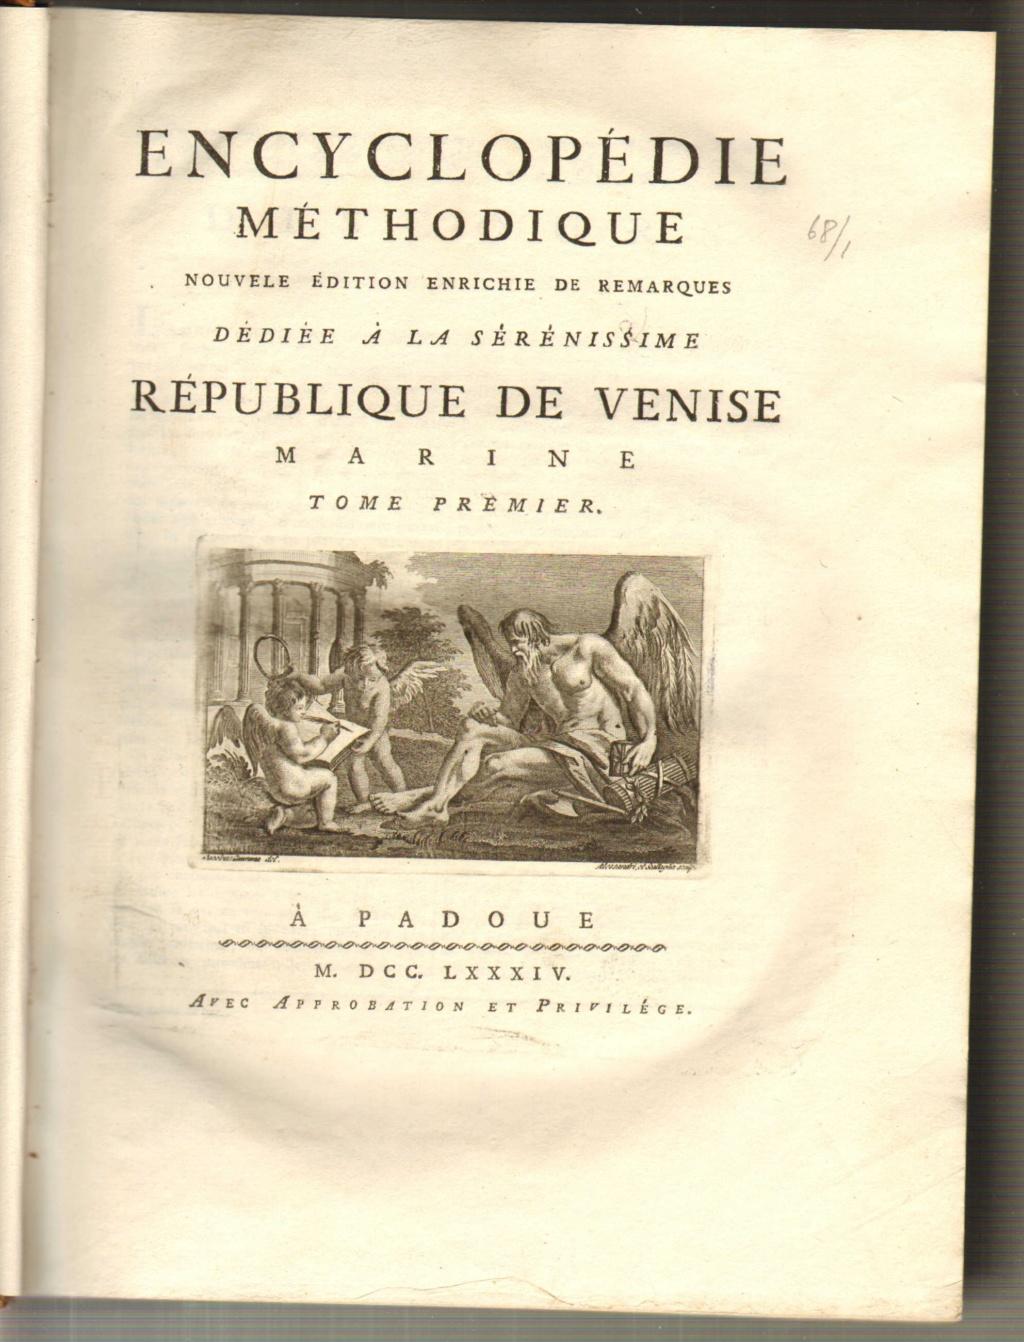 Planche d'une goëlette du XVIIIe sièccle du genre Colonial Schooner. Venise10